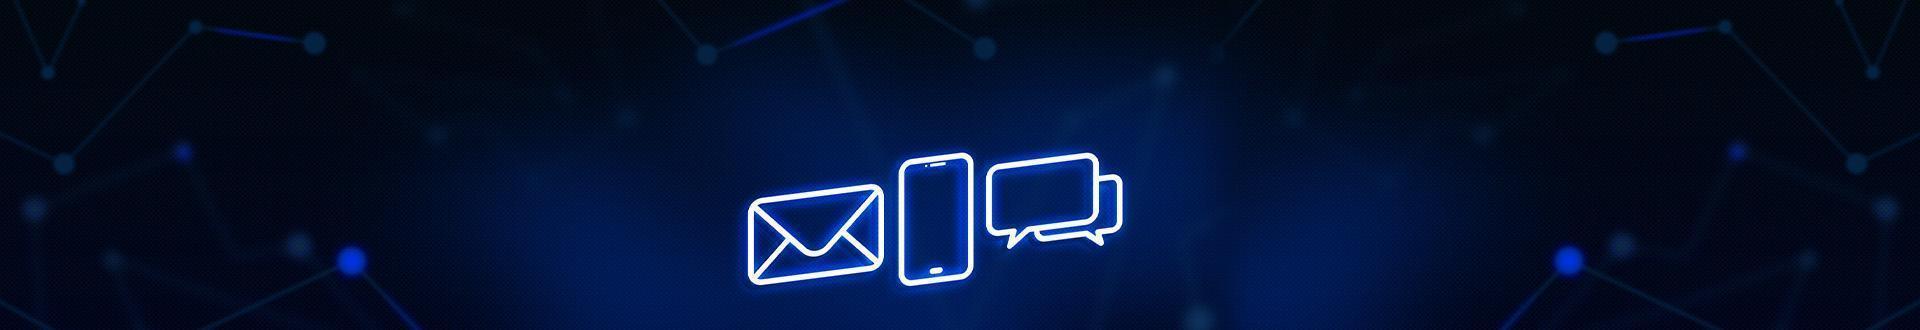 Neonowe ikony kontaktowe